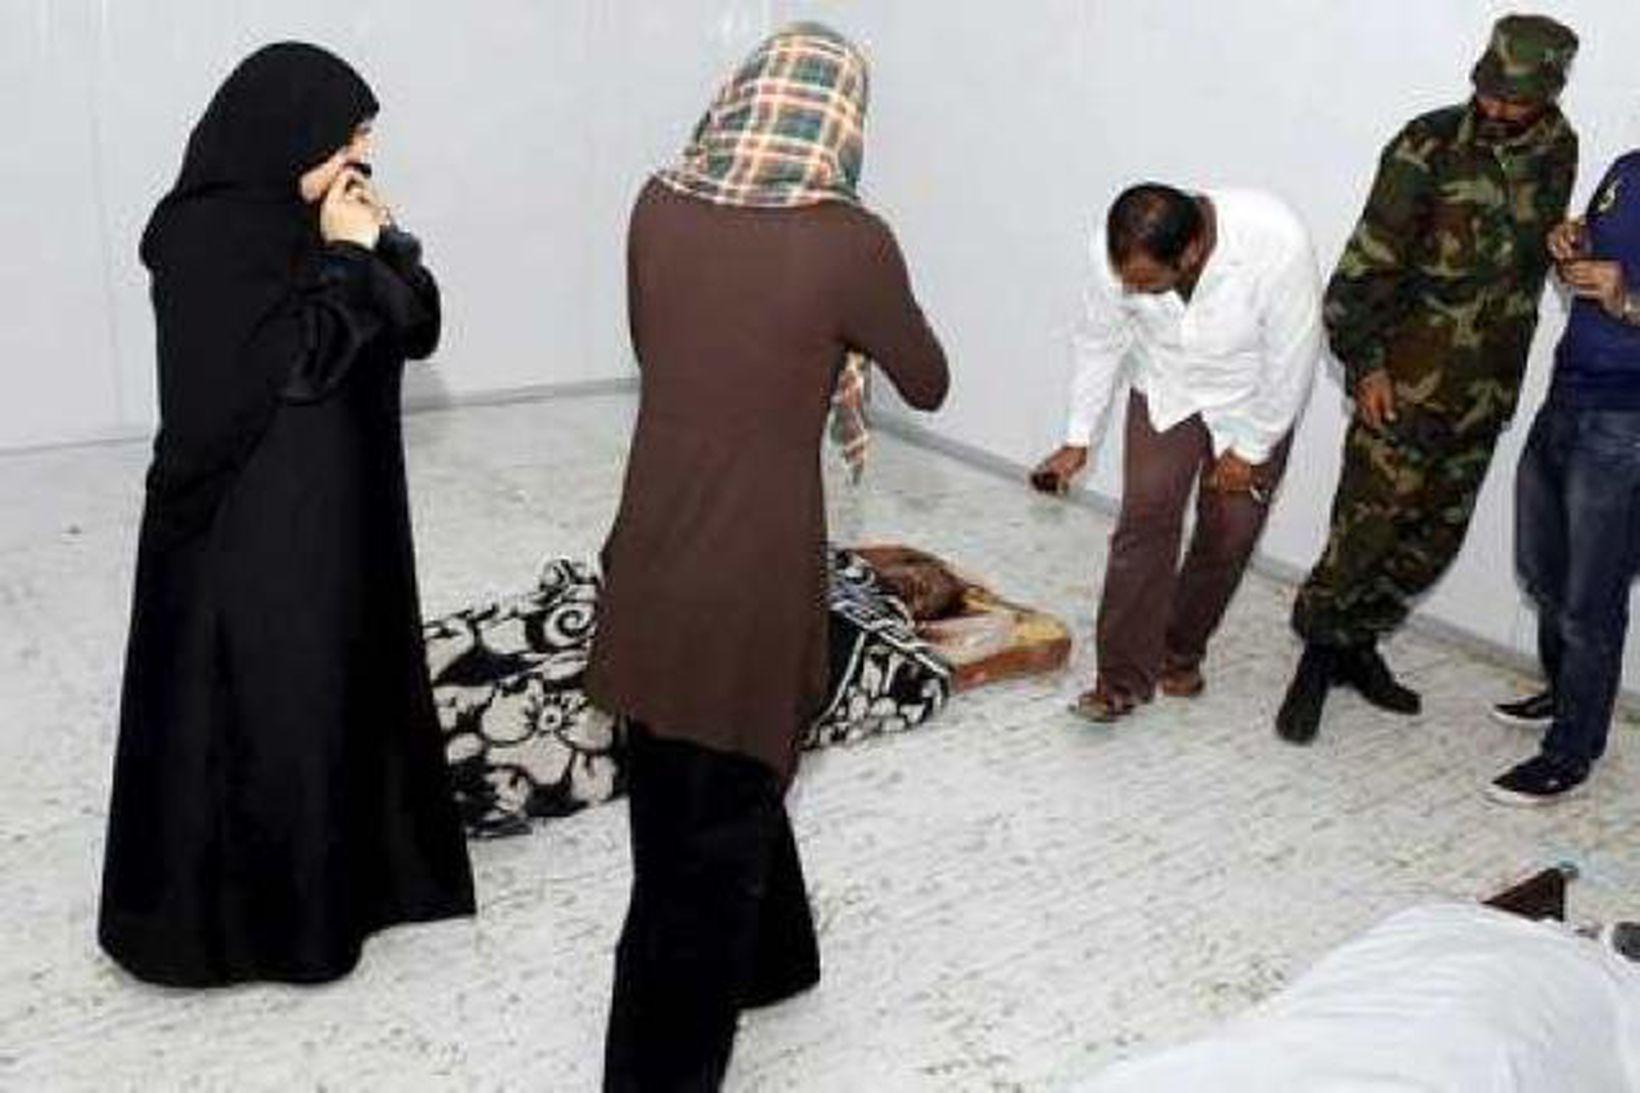 Fólk tekur myndir af líki Gaddafis sem liggur enn í …